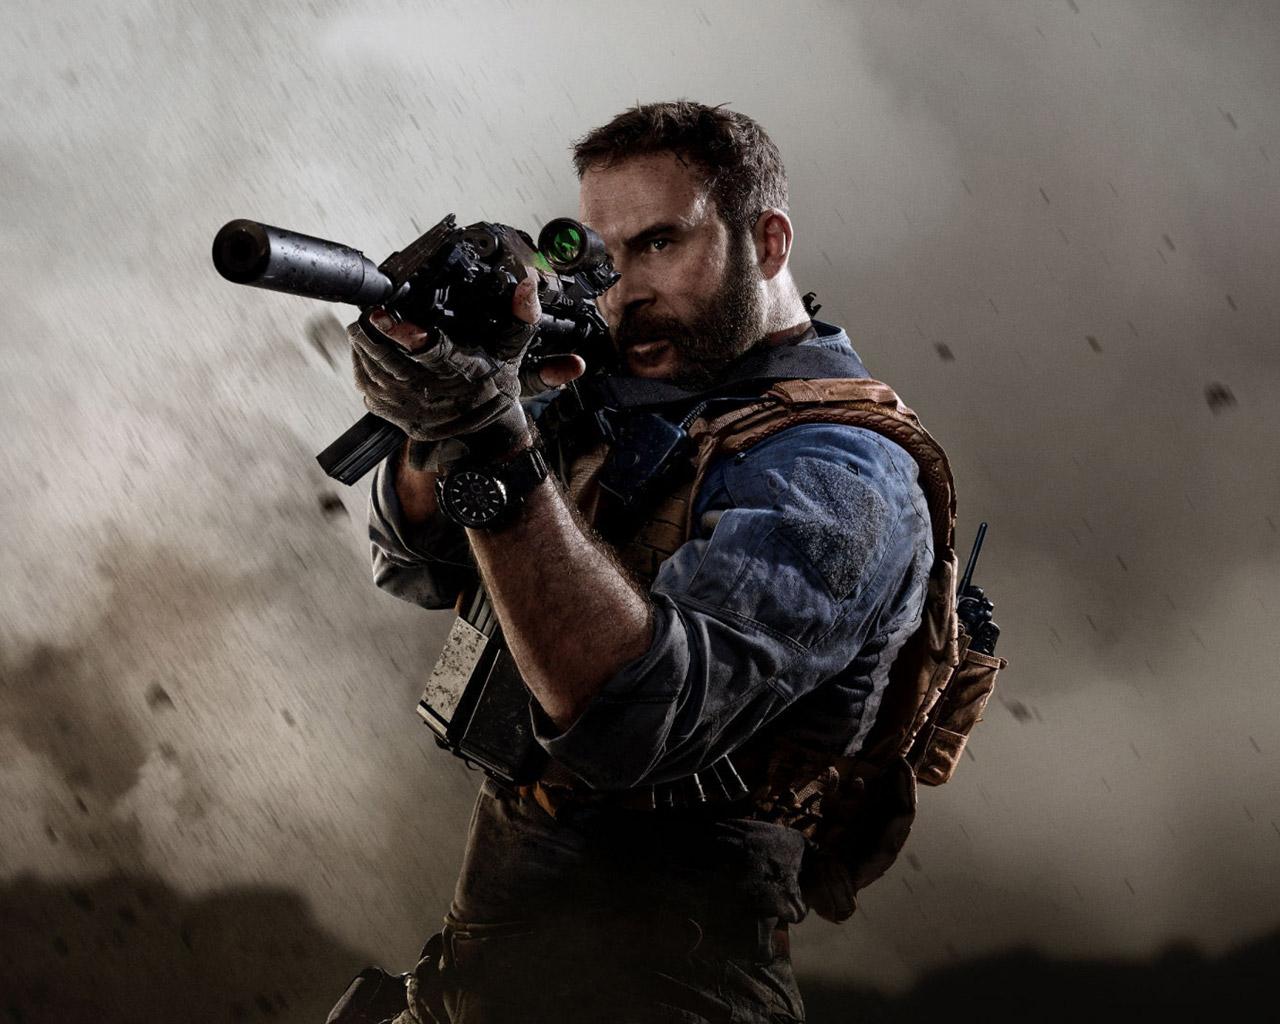 Free Call of Duty: Modern Warfare (2019) Wallpaper in 1280x1024